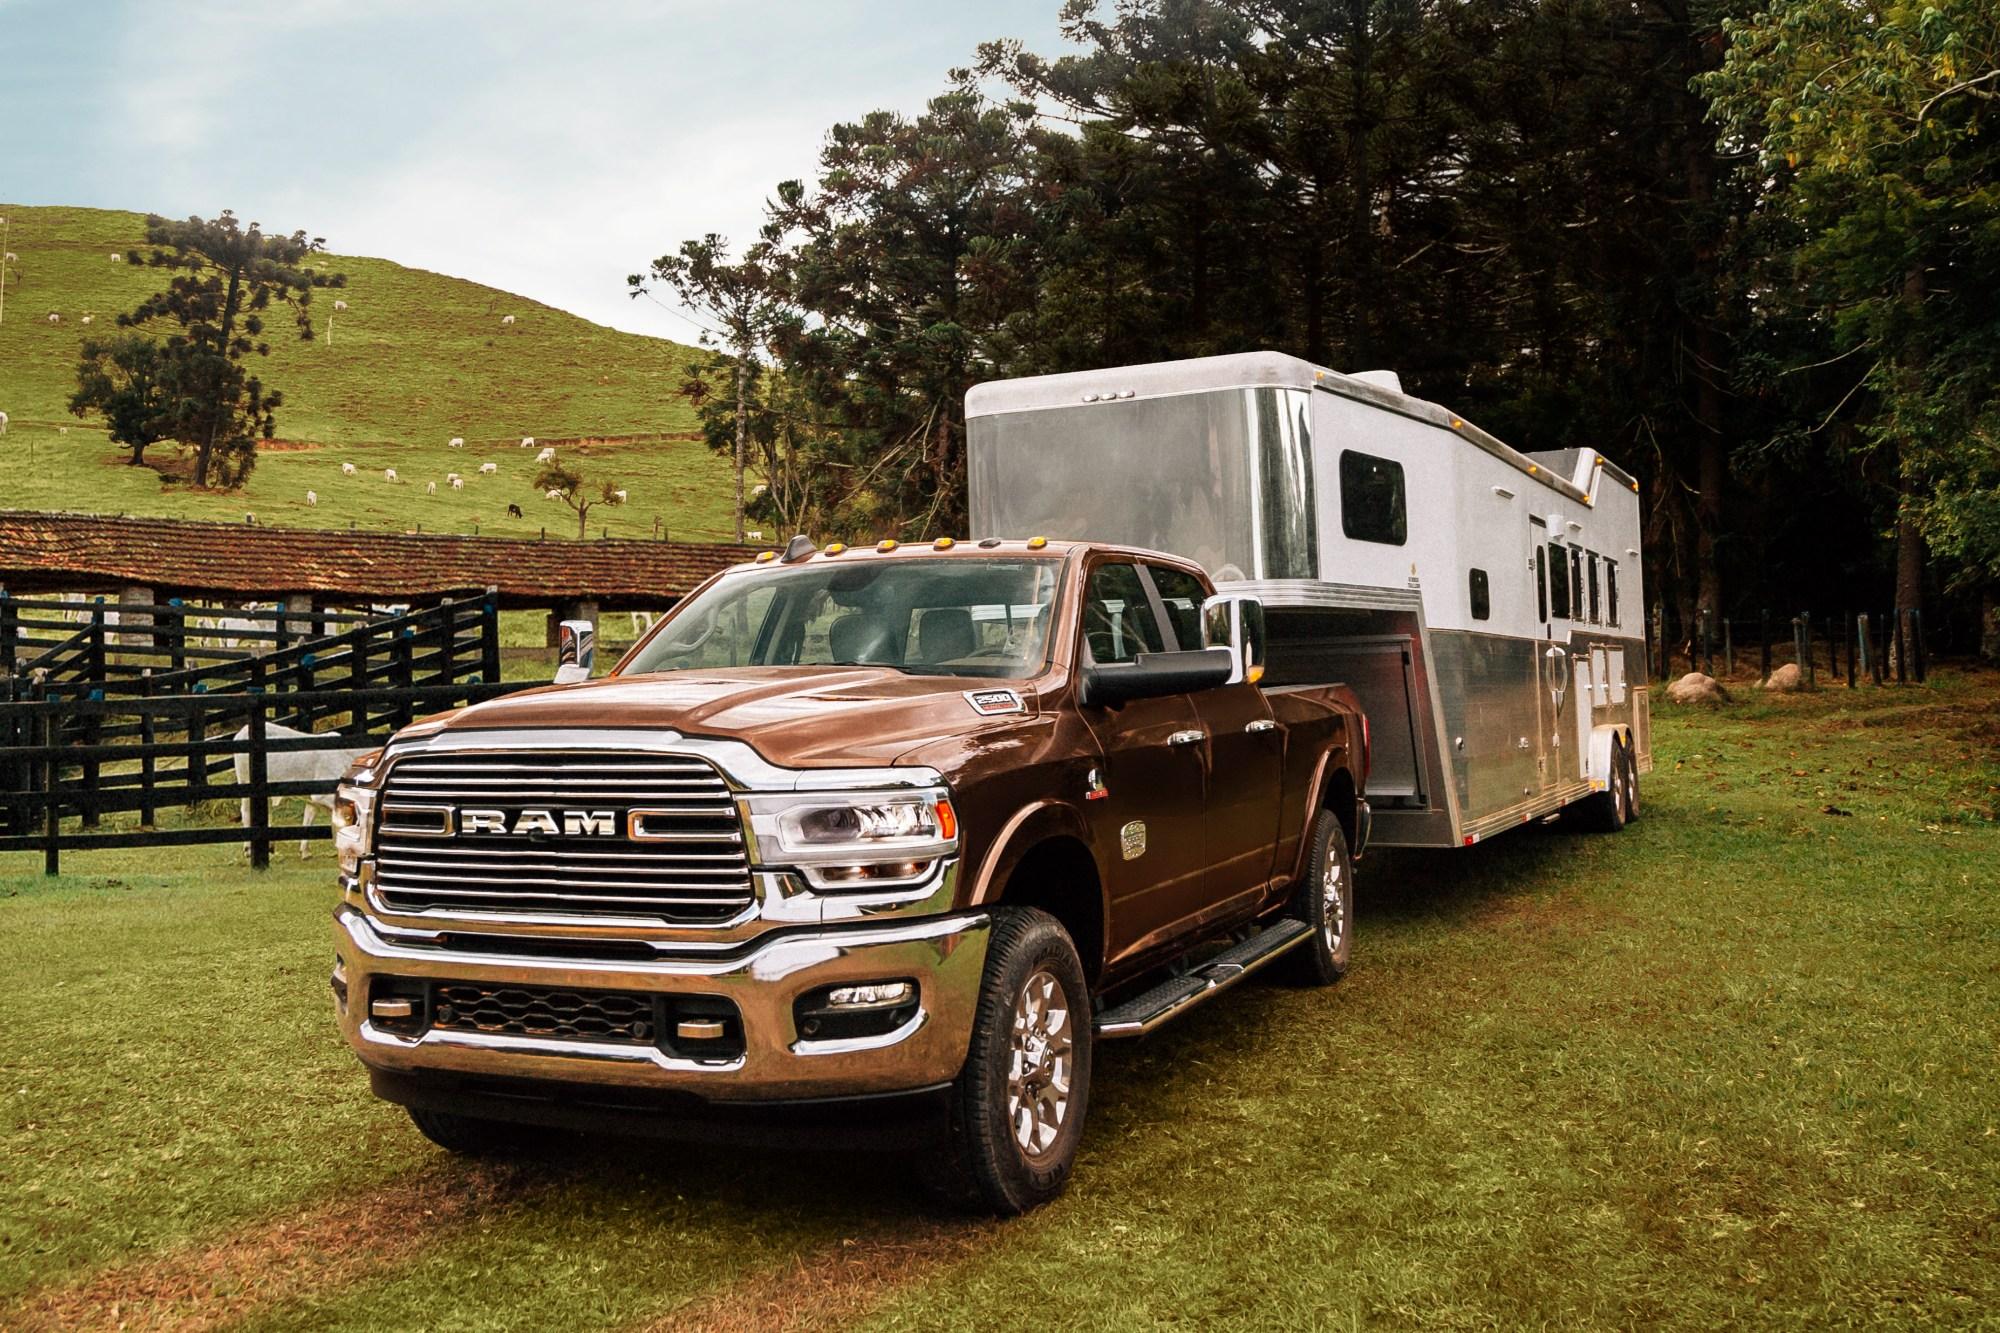 Ram 2500 Rodeo marrom vista 3/4 e frente com trailer